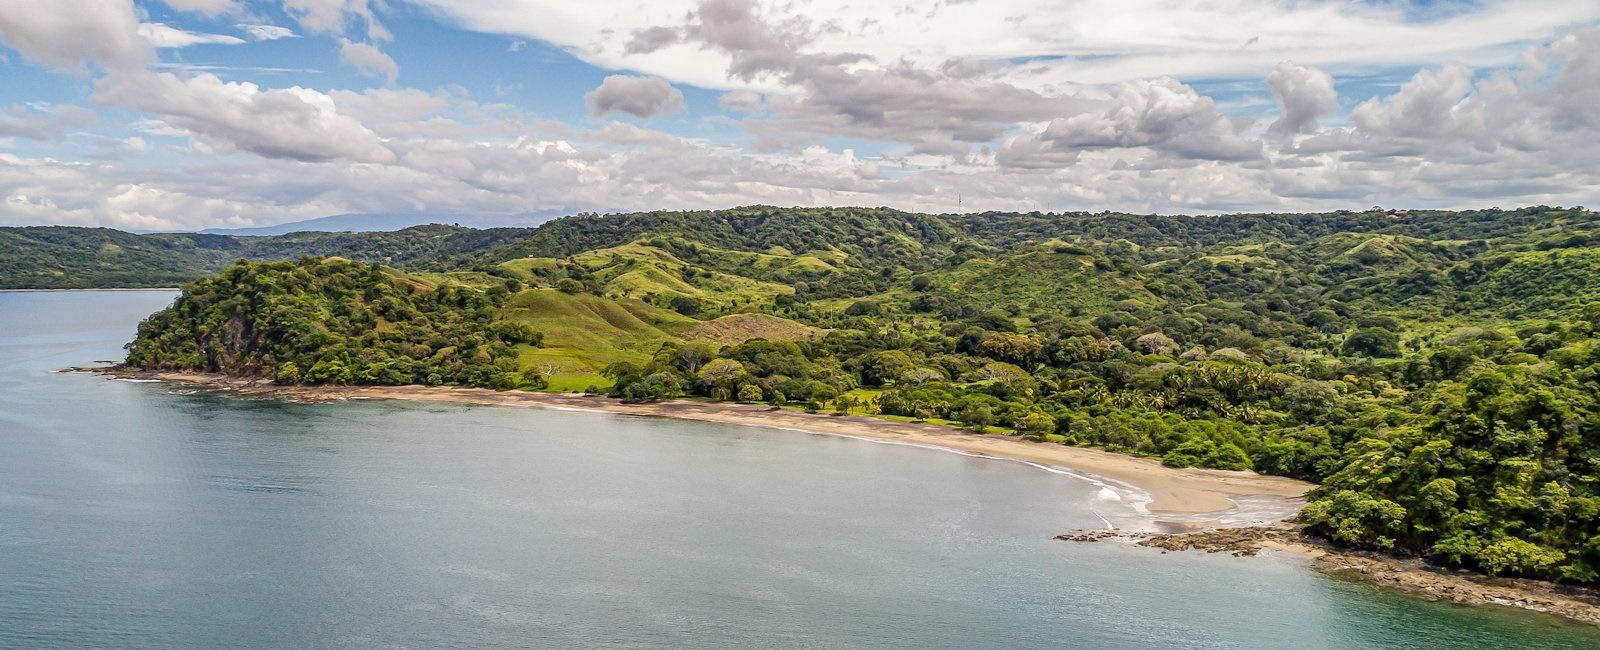 Papagayo Peninsula holidays